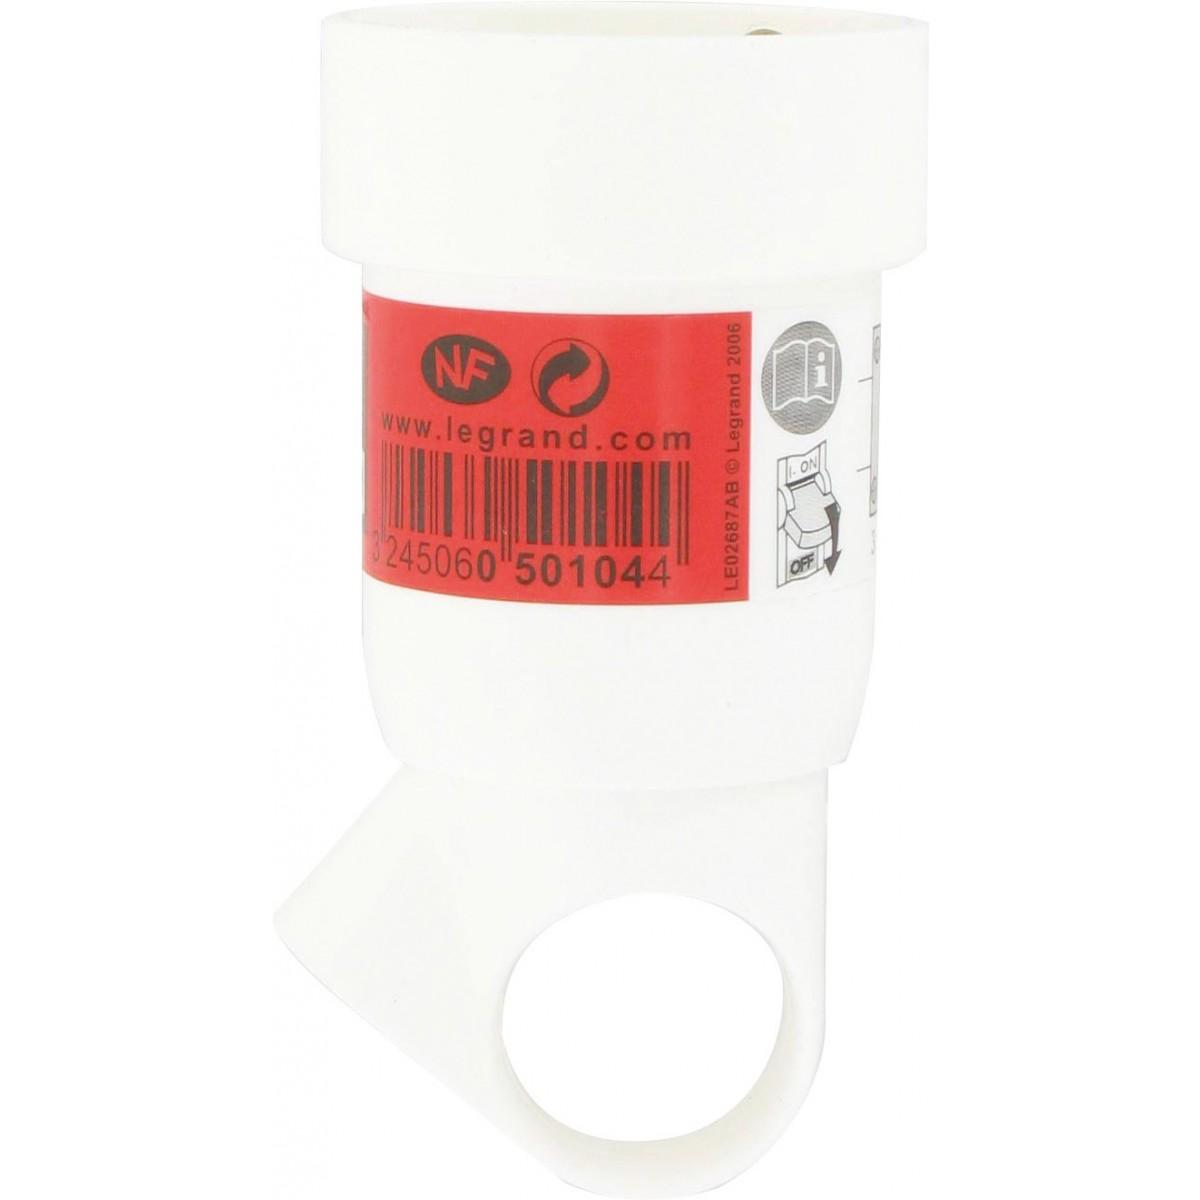 Fiche plastique avec anneau 2P+T 16 A Legrand - Femelle - Blanc